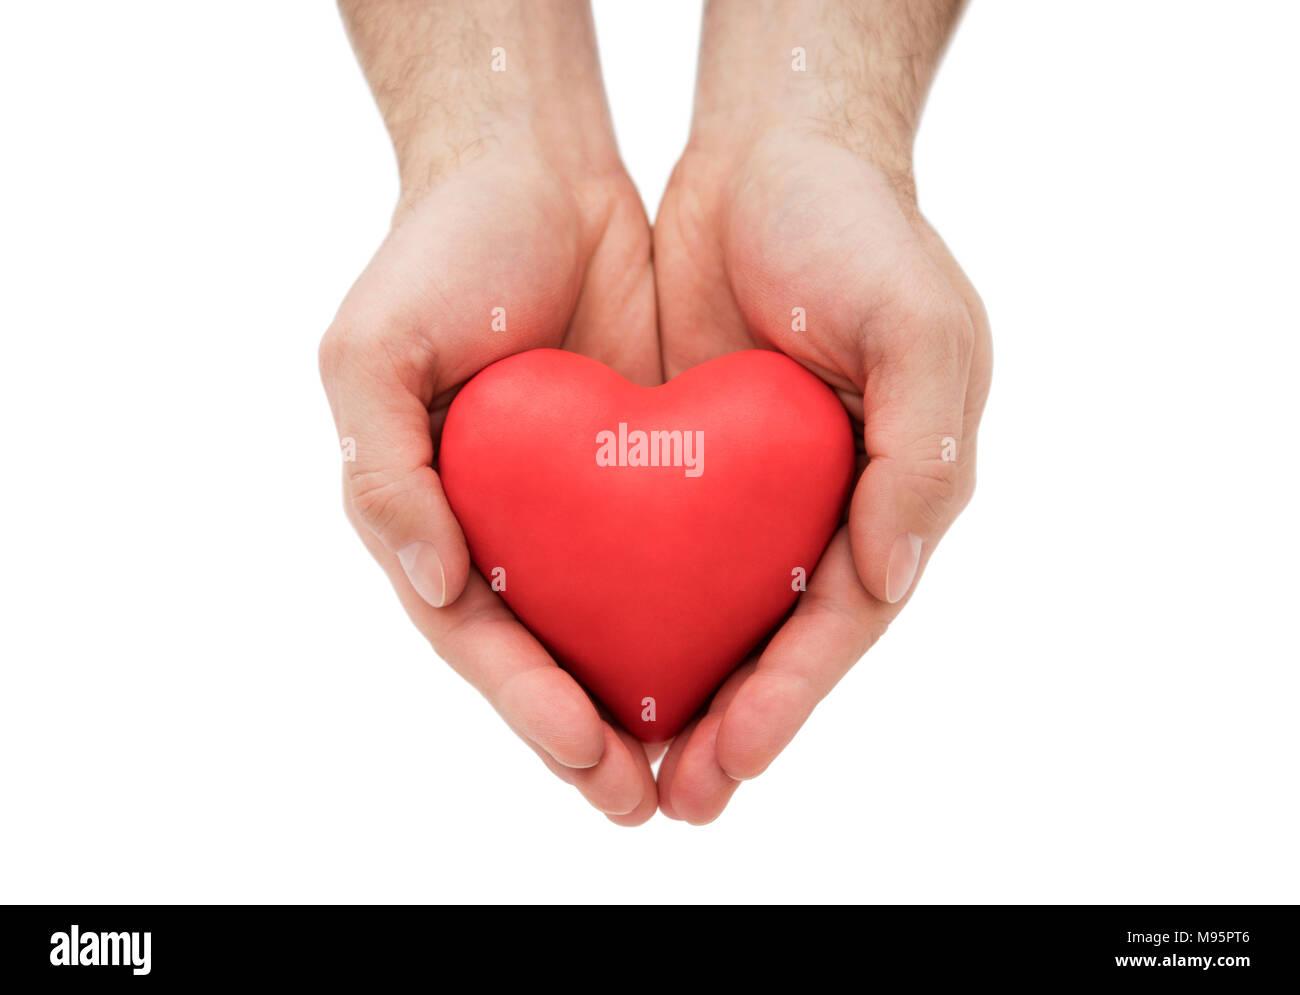 Coeur rouge entre les mains de l'homme. L'assurance-santé ou d'amour concept Photo Stock